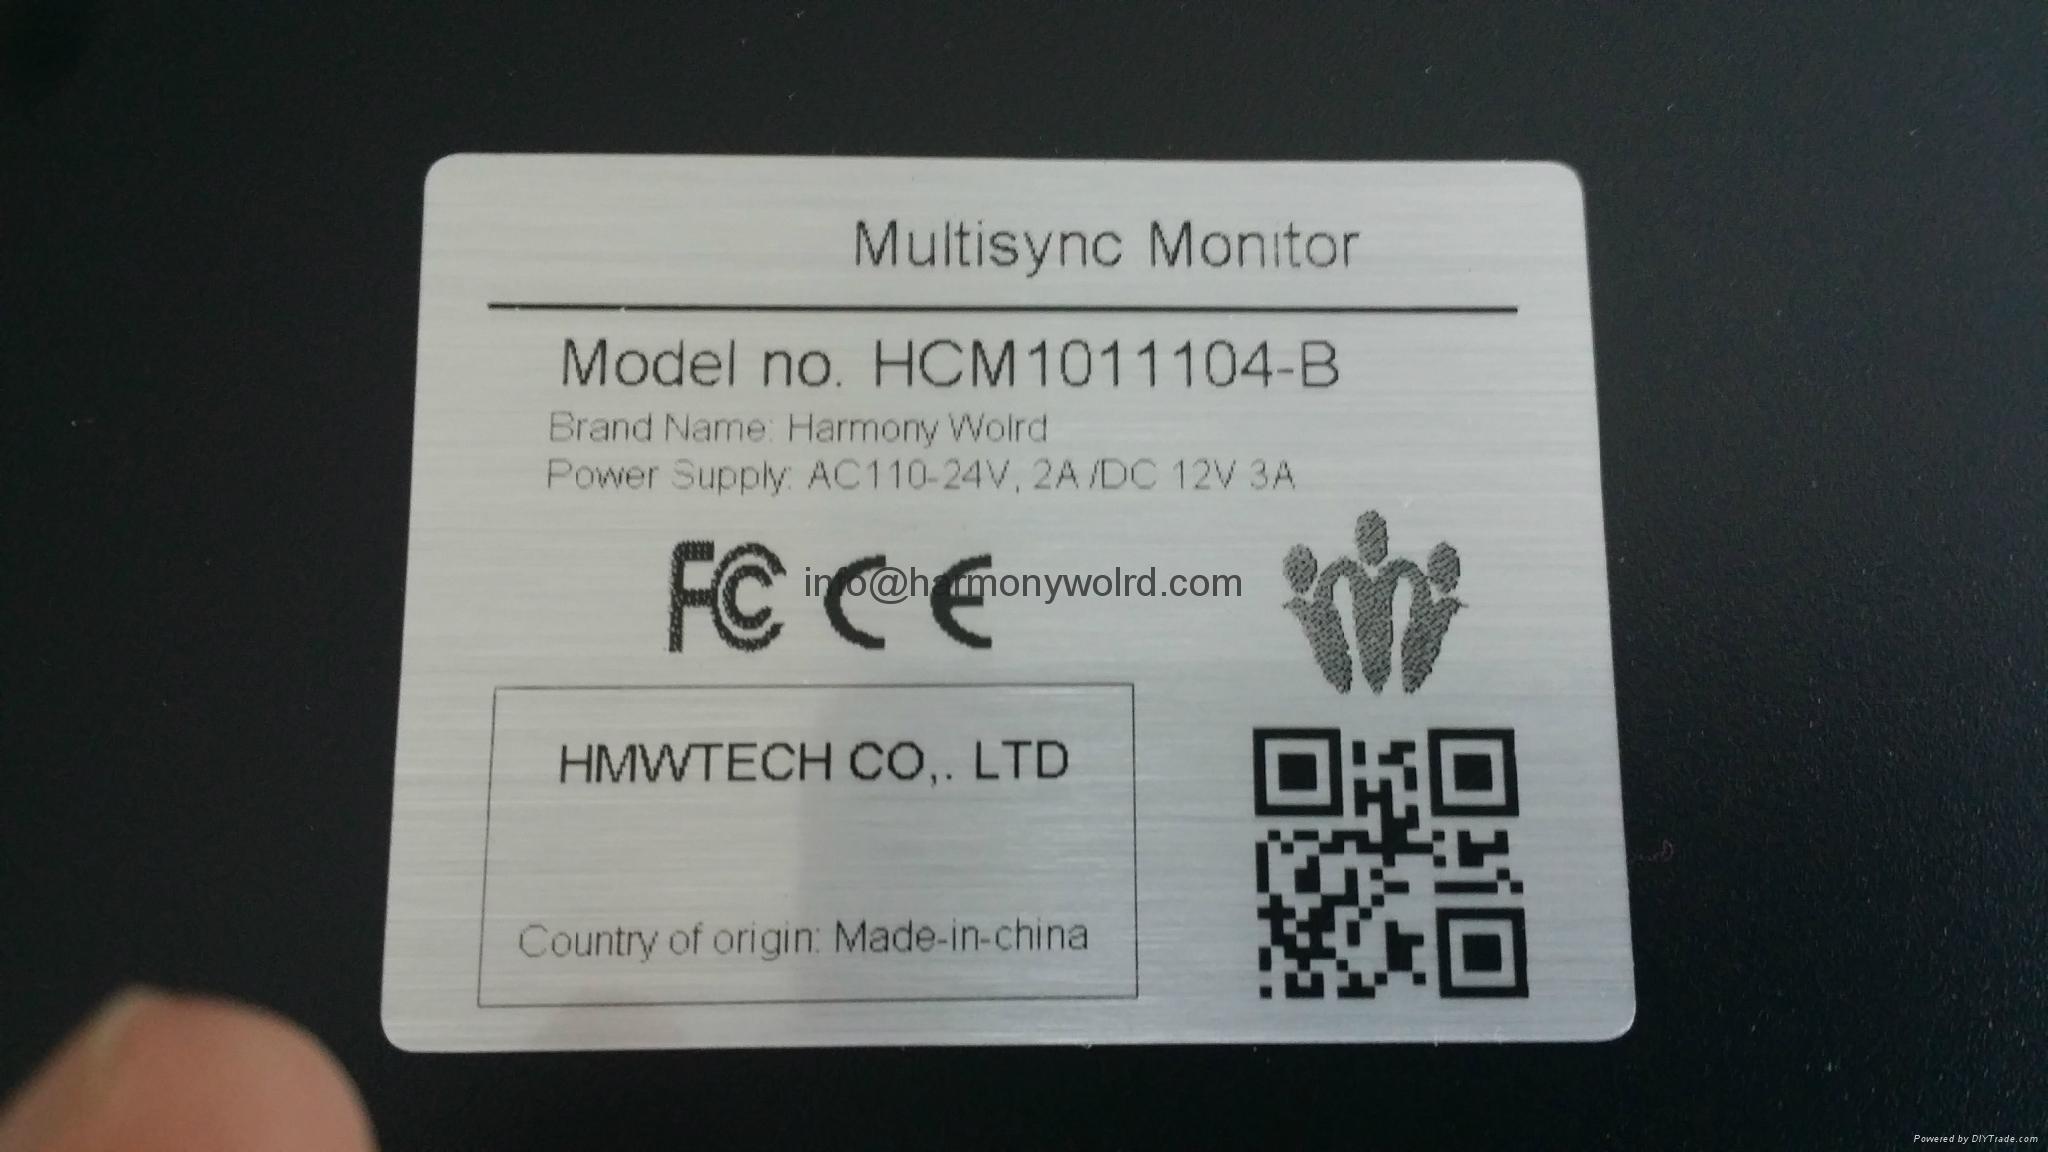 Upgrade 8520-CRTC 8520-CRTC1 8520-CCRT 8520-CRTM 8520-VCRT 8520-VOP CRT To LCDs 7